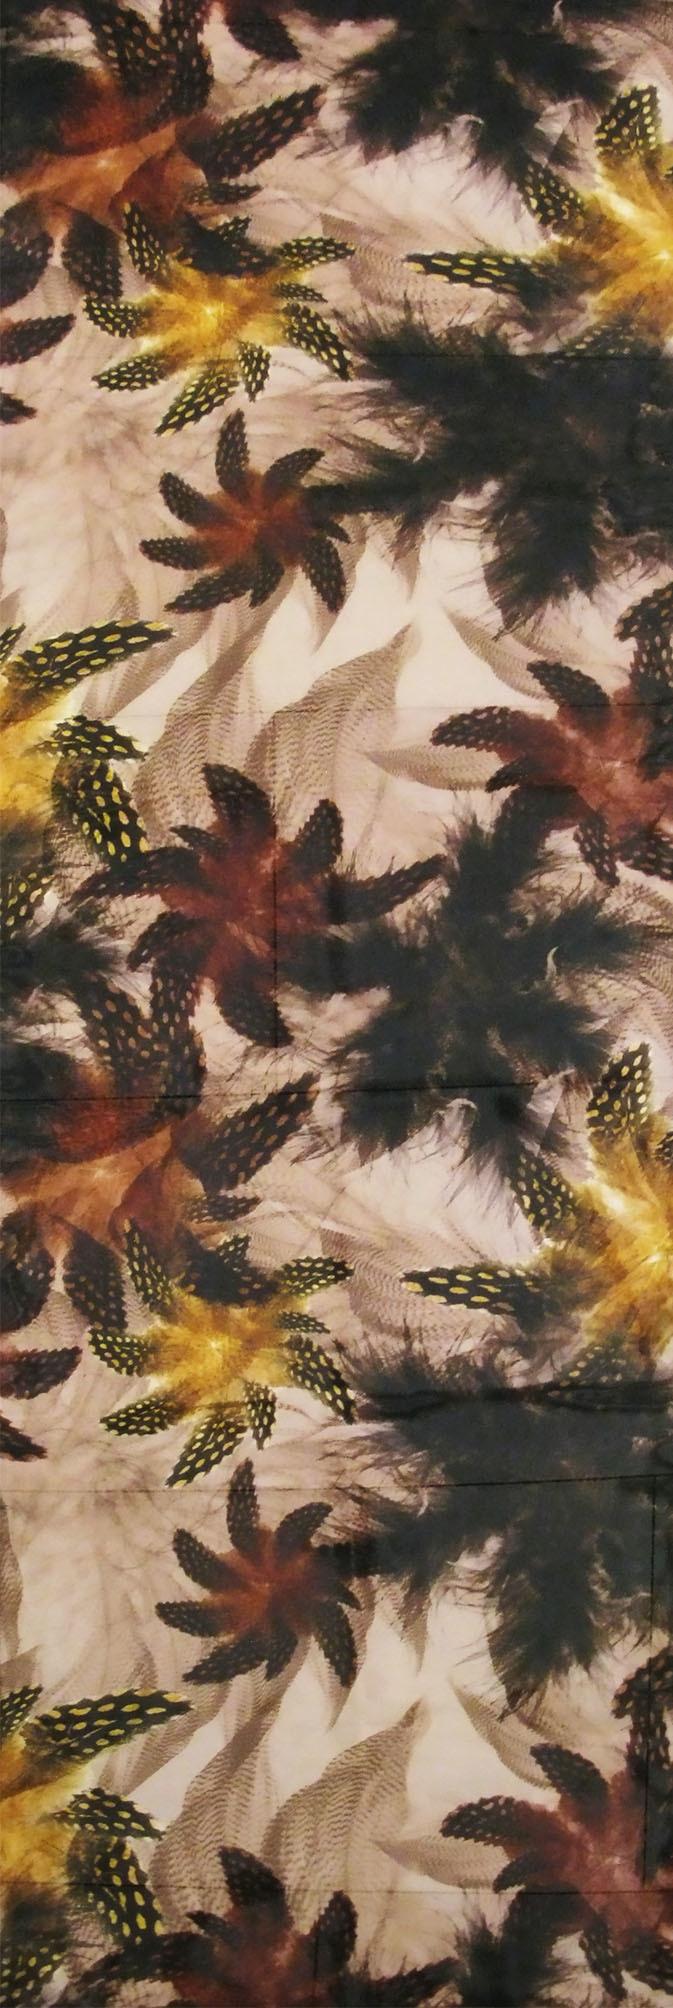 Шарф Ш001-549 - Аксессуар в виде шарфа обязательный элемент элегантного образа.Шарф с цветочным принтом коричневого цвета дополнит ваш наряд и сделает лук элегантным и модным. С помощью шарфа вы можете разнообразить ваш гардероб, подчеркнув вашу женственность и элегантность.